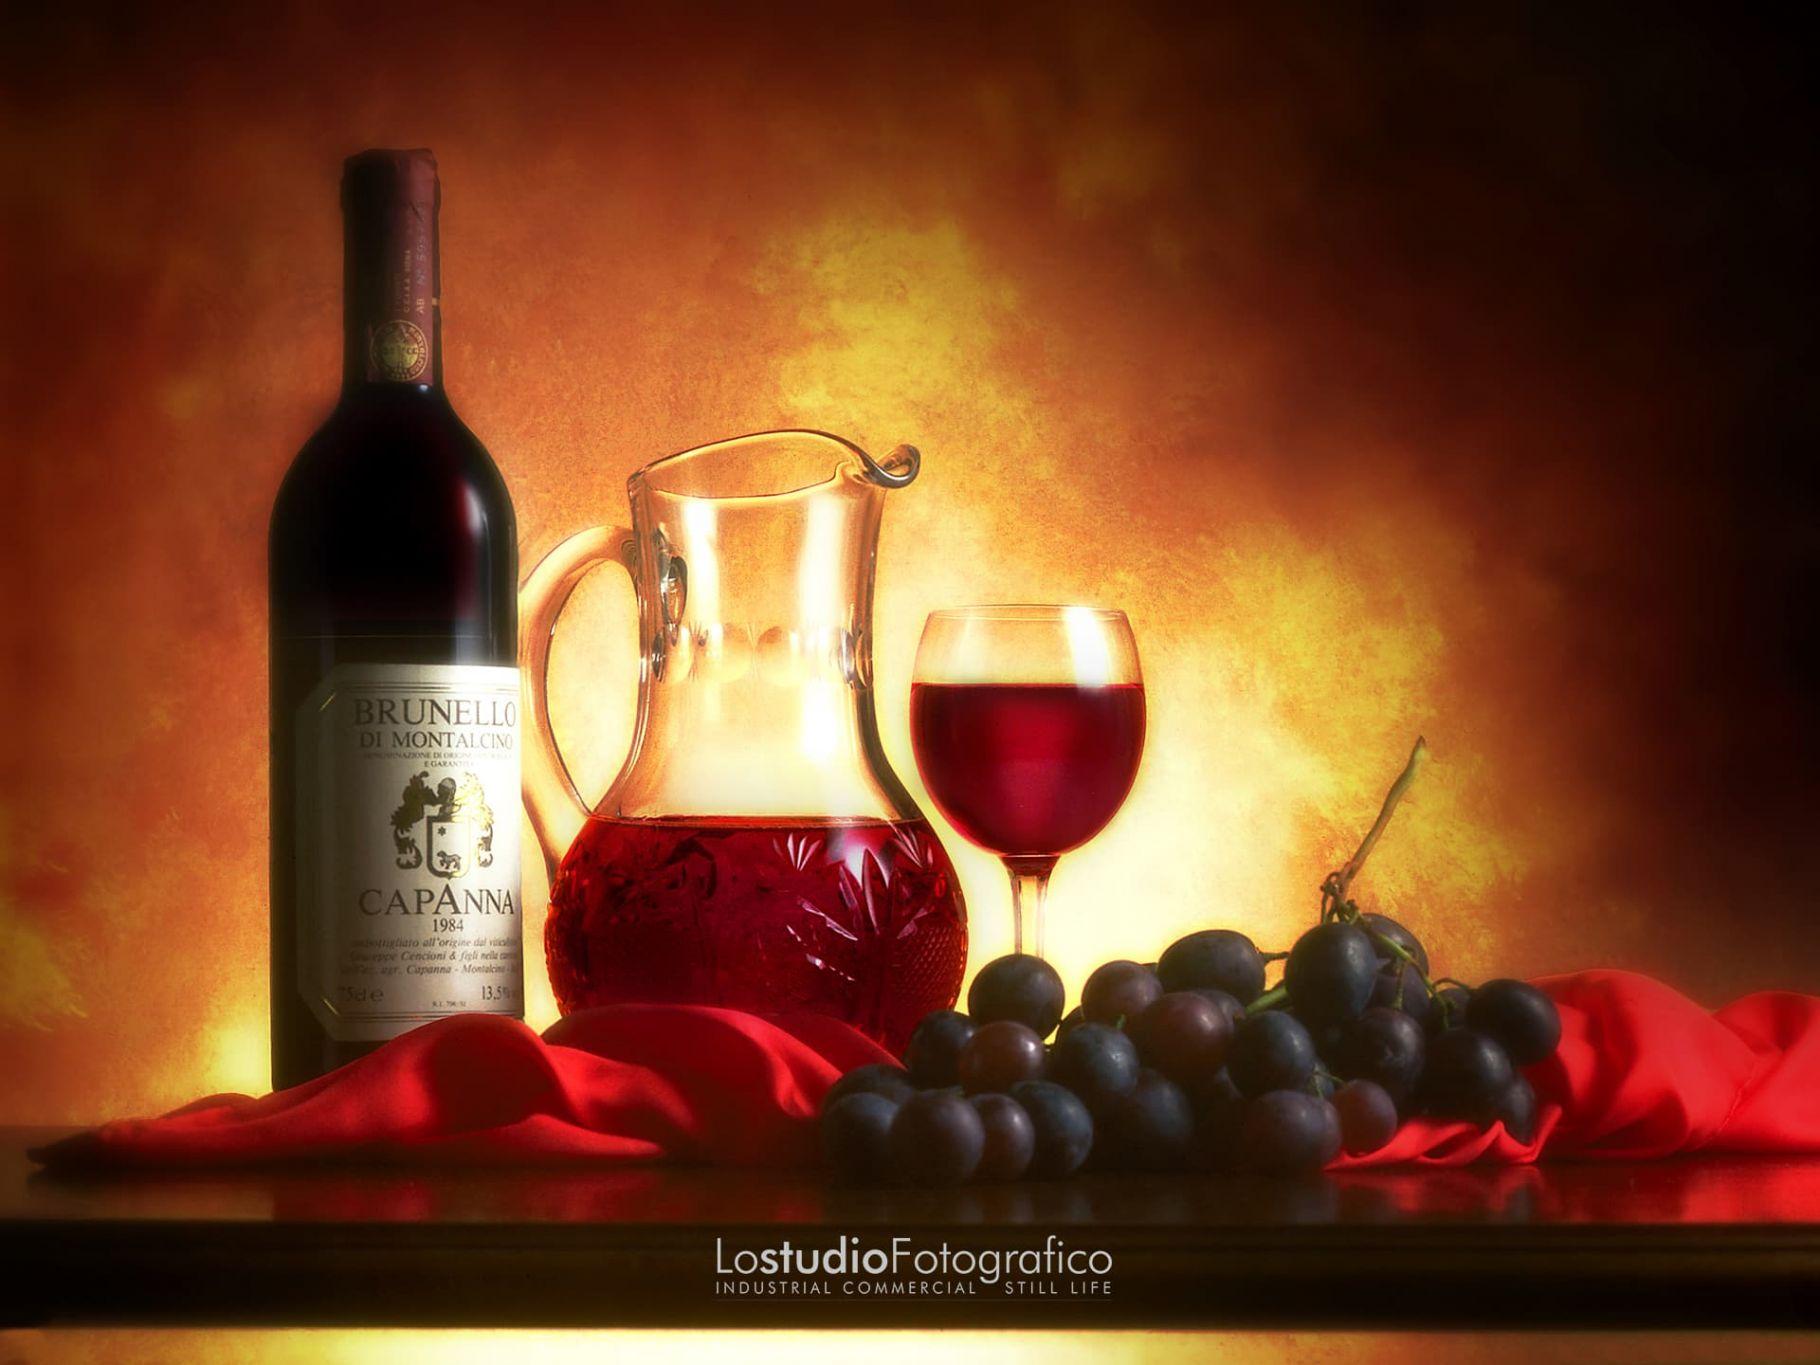 Fotografia di vino, food, alimentari, beverage. Studio fotografico Verona, Veneto. Still life di prodotti alimentari e bevande. Vino